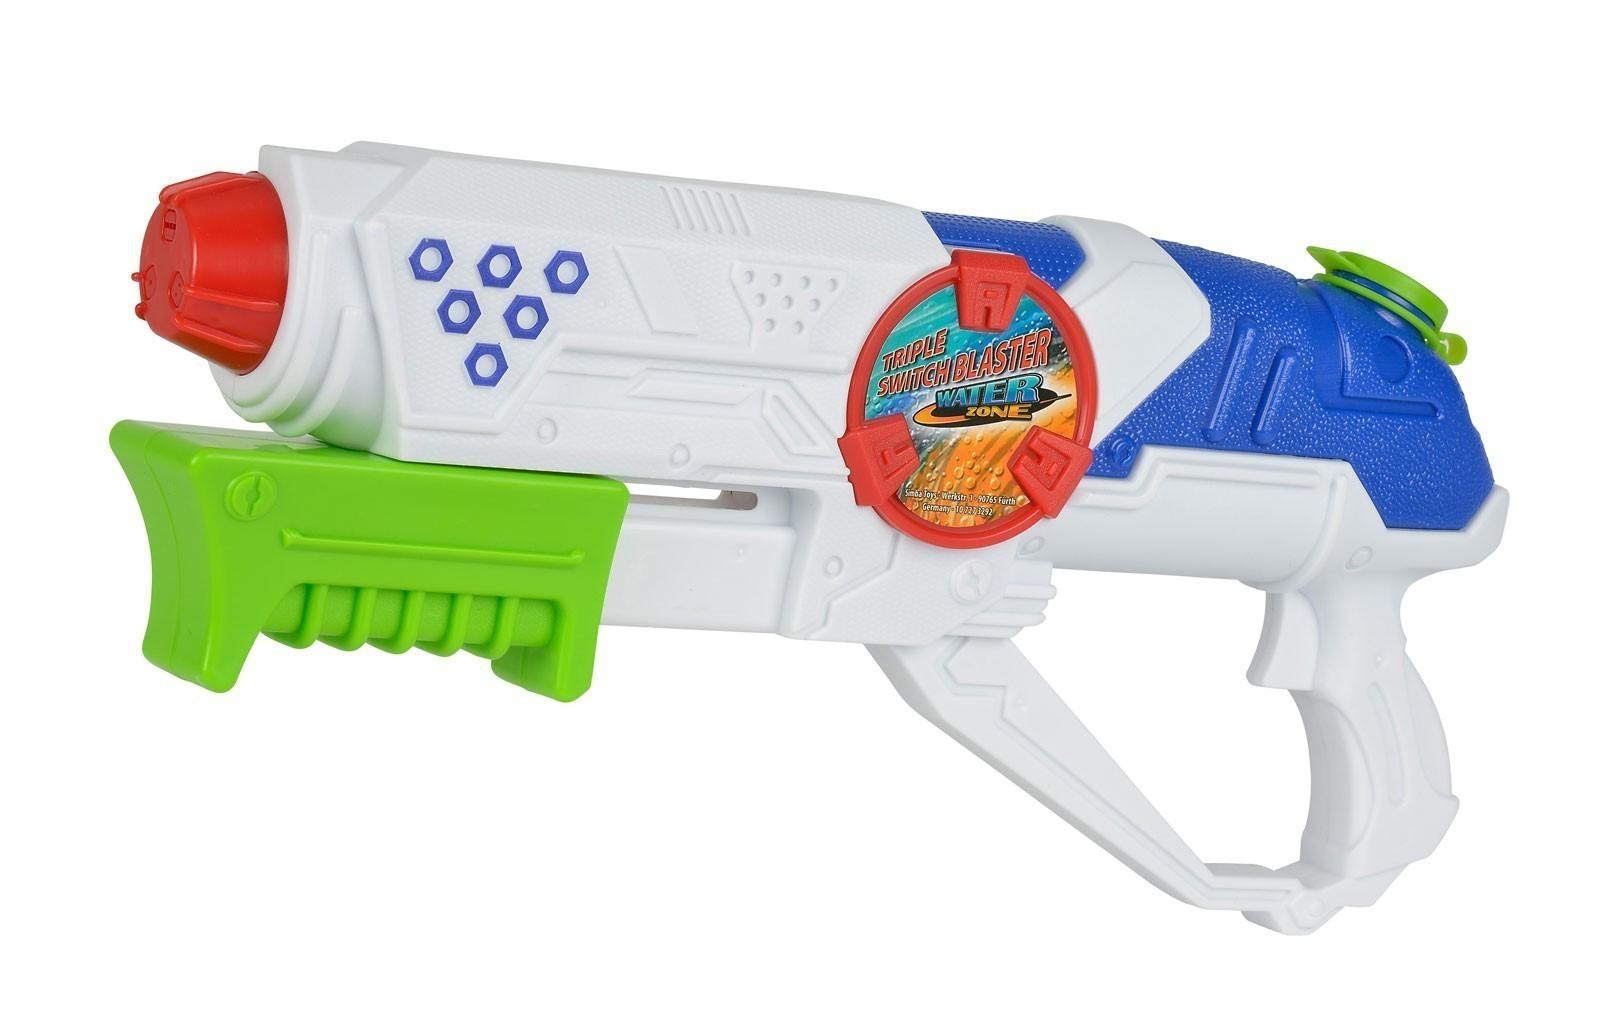 Wasserpistole / Wassergewehr Simba Waterzone Triple Switch Blaster Bild 1